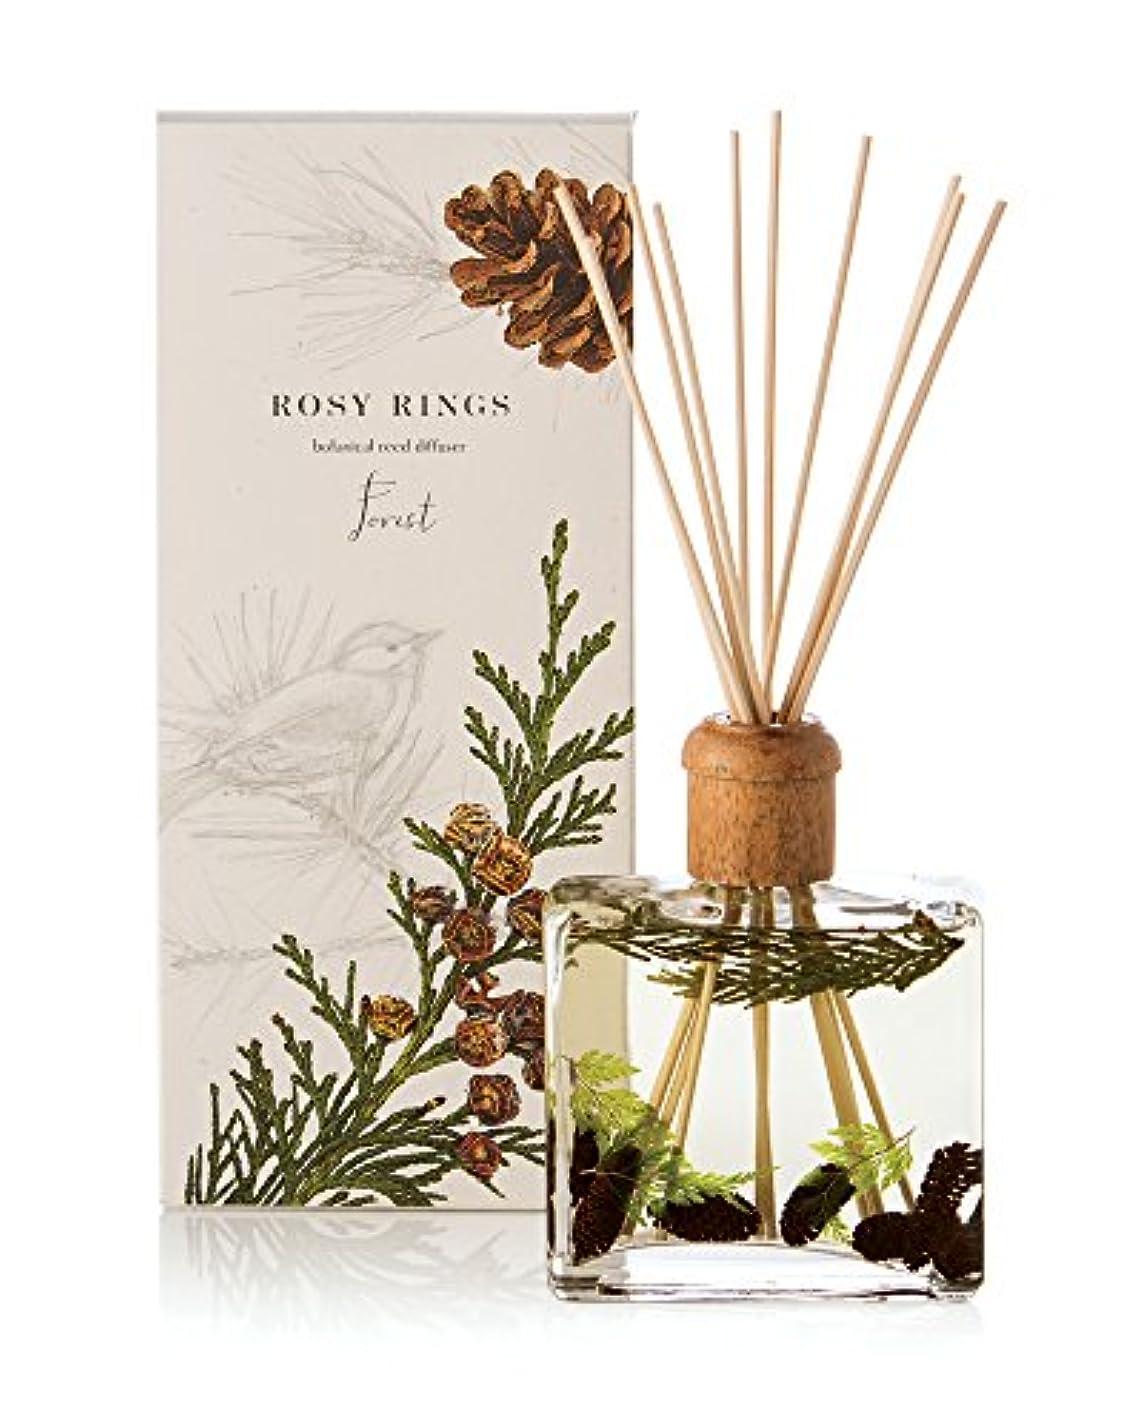 判定上院議員振る舞うロージーリングス ボタニカルリードディフューザー フォレスト ROSY RINGS Signature Collection Botanical Reed Diffuser – Forest